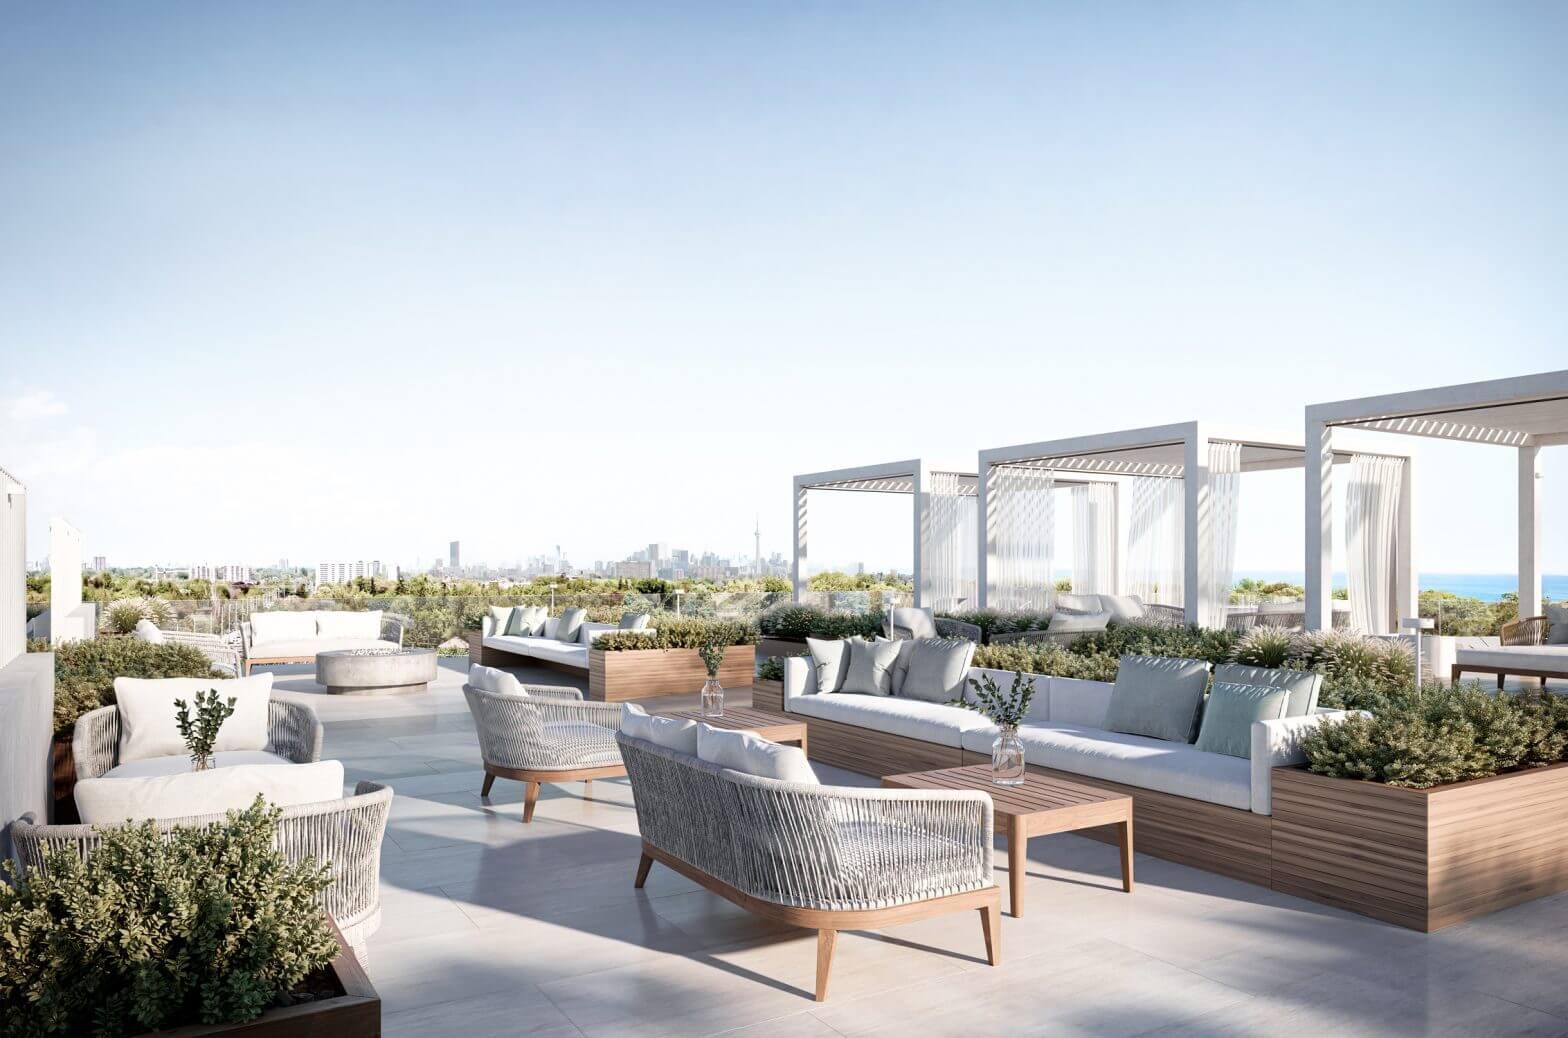 WestportCondos_Rooftop